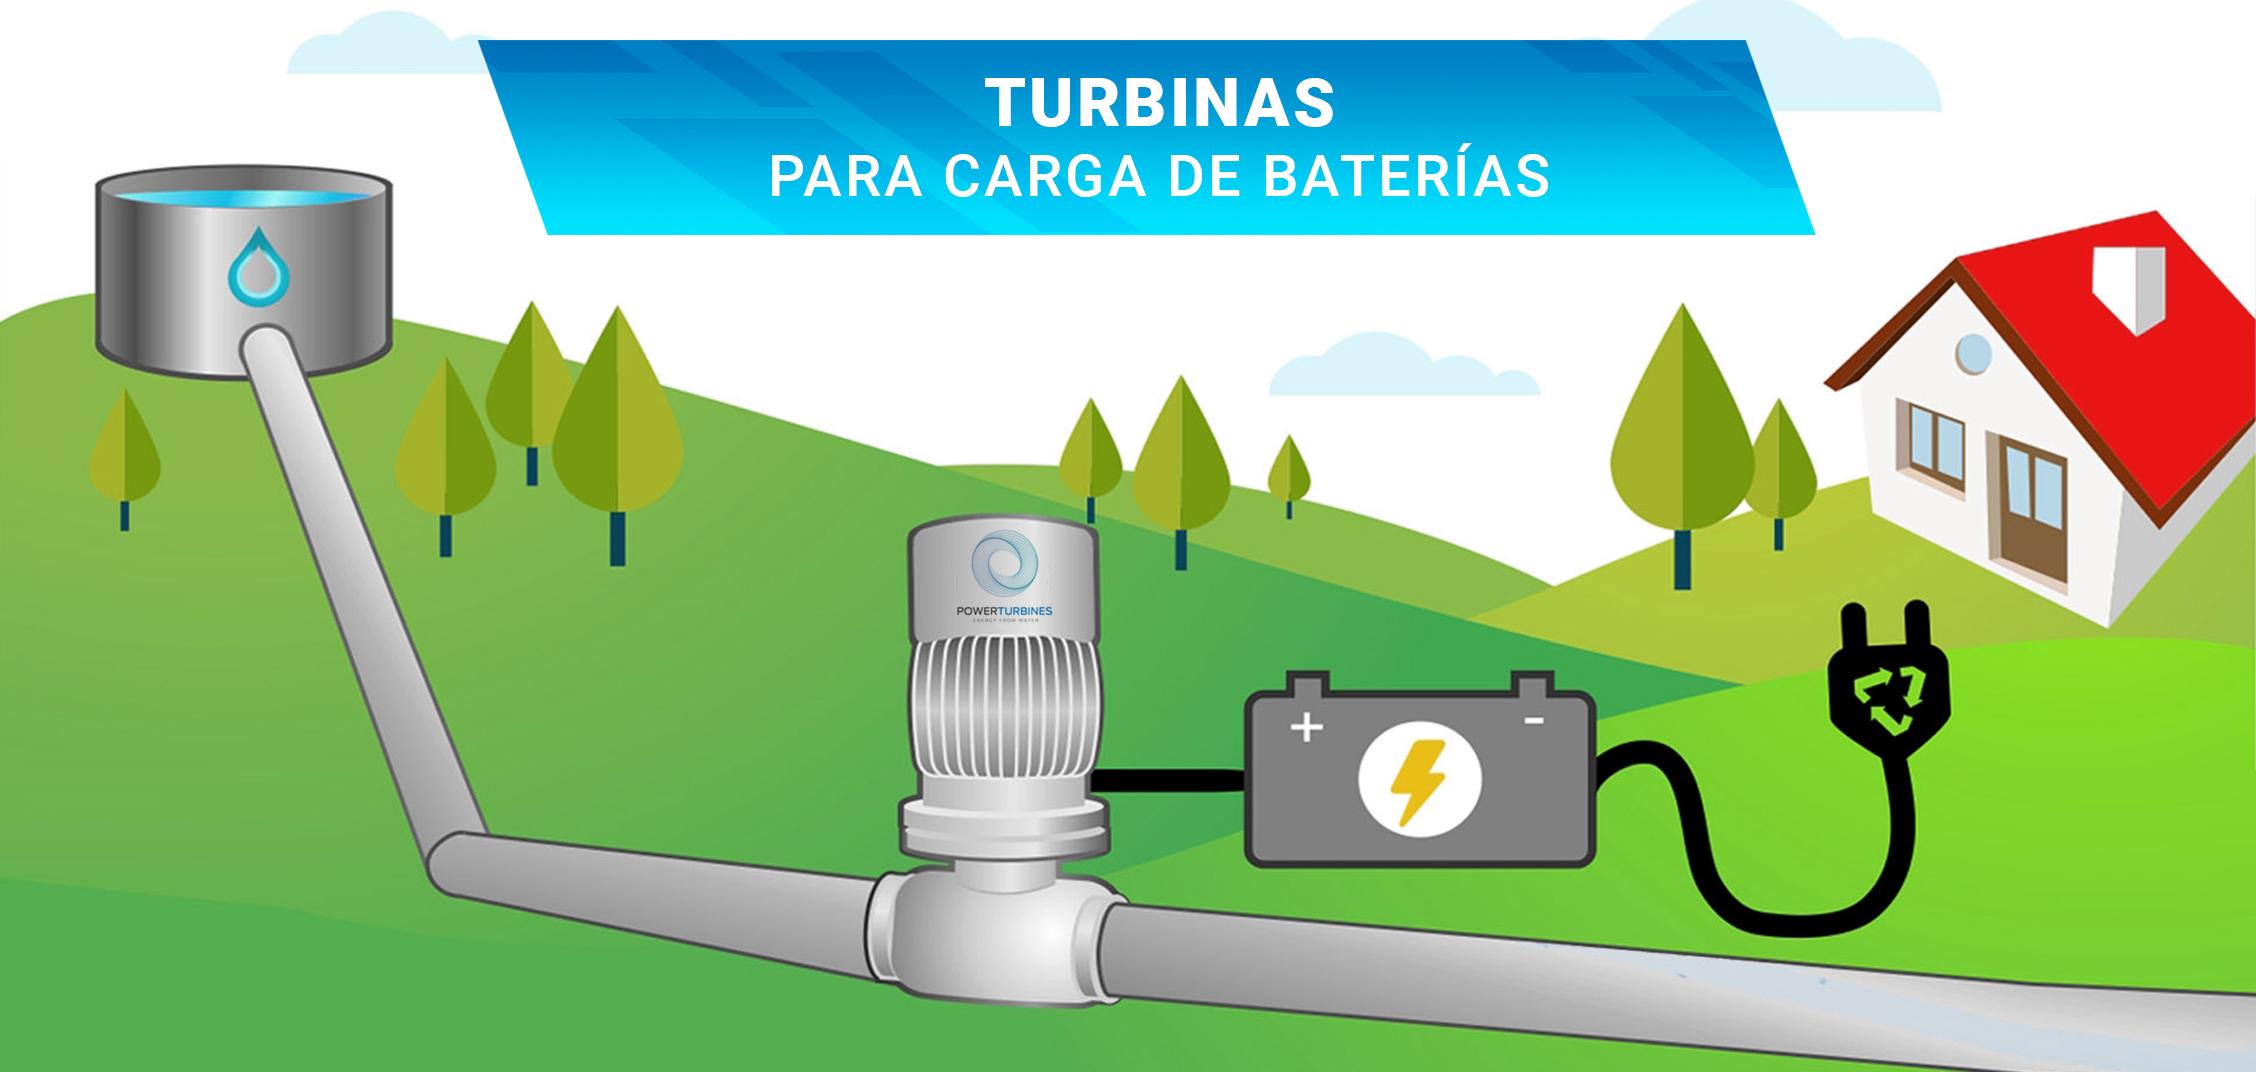 Turbinas para carga de baterías